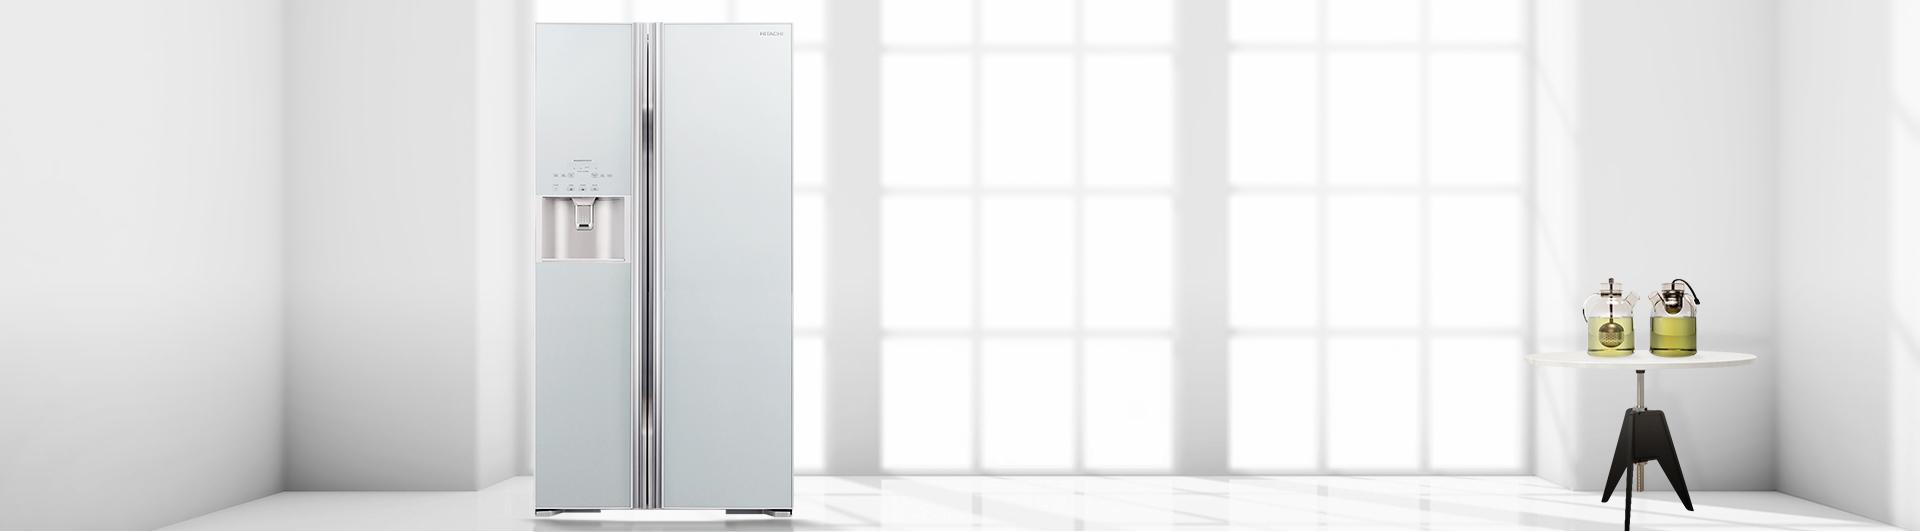 Tủ lạnh Hitachi R-S700GPGV2 589 lít bạc giá cạnh tranh tại Nguyễn Kim